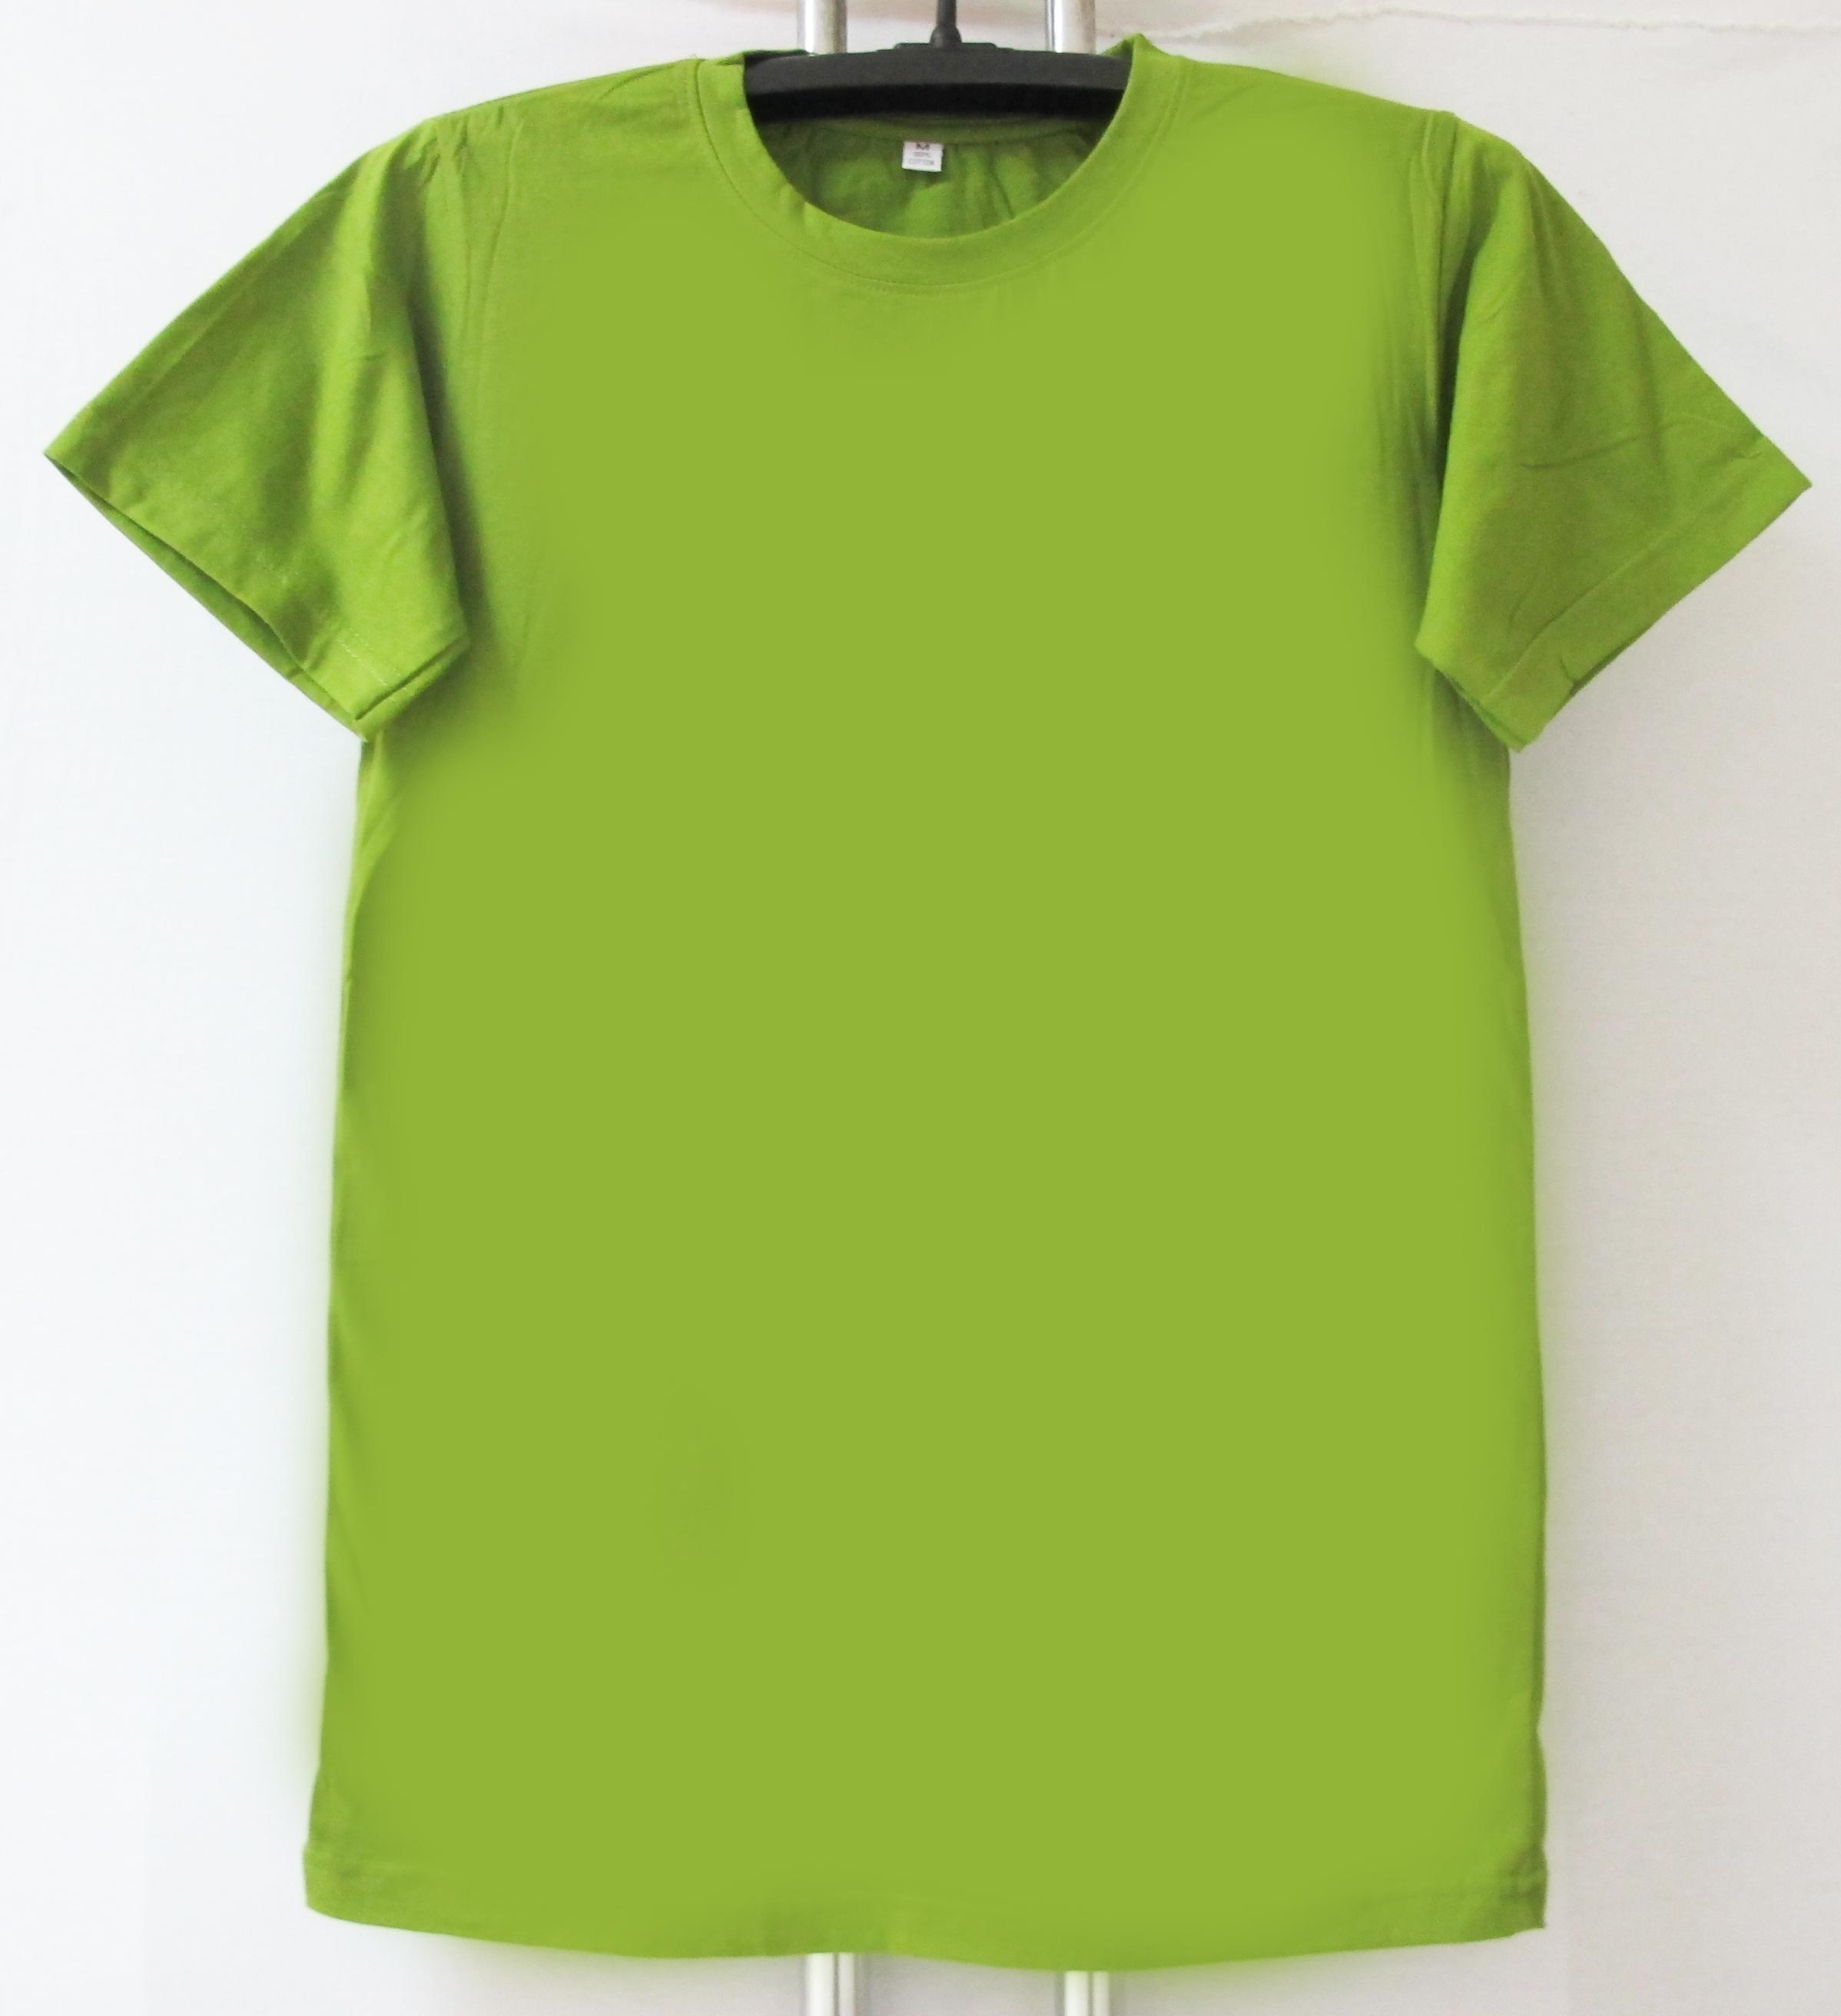 COTTON100% เบอร์32 เสื้อยืดแขนสั้น คอกลม สีเขียวขี้ม้าอ่อน